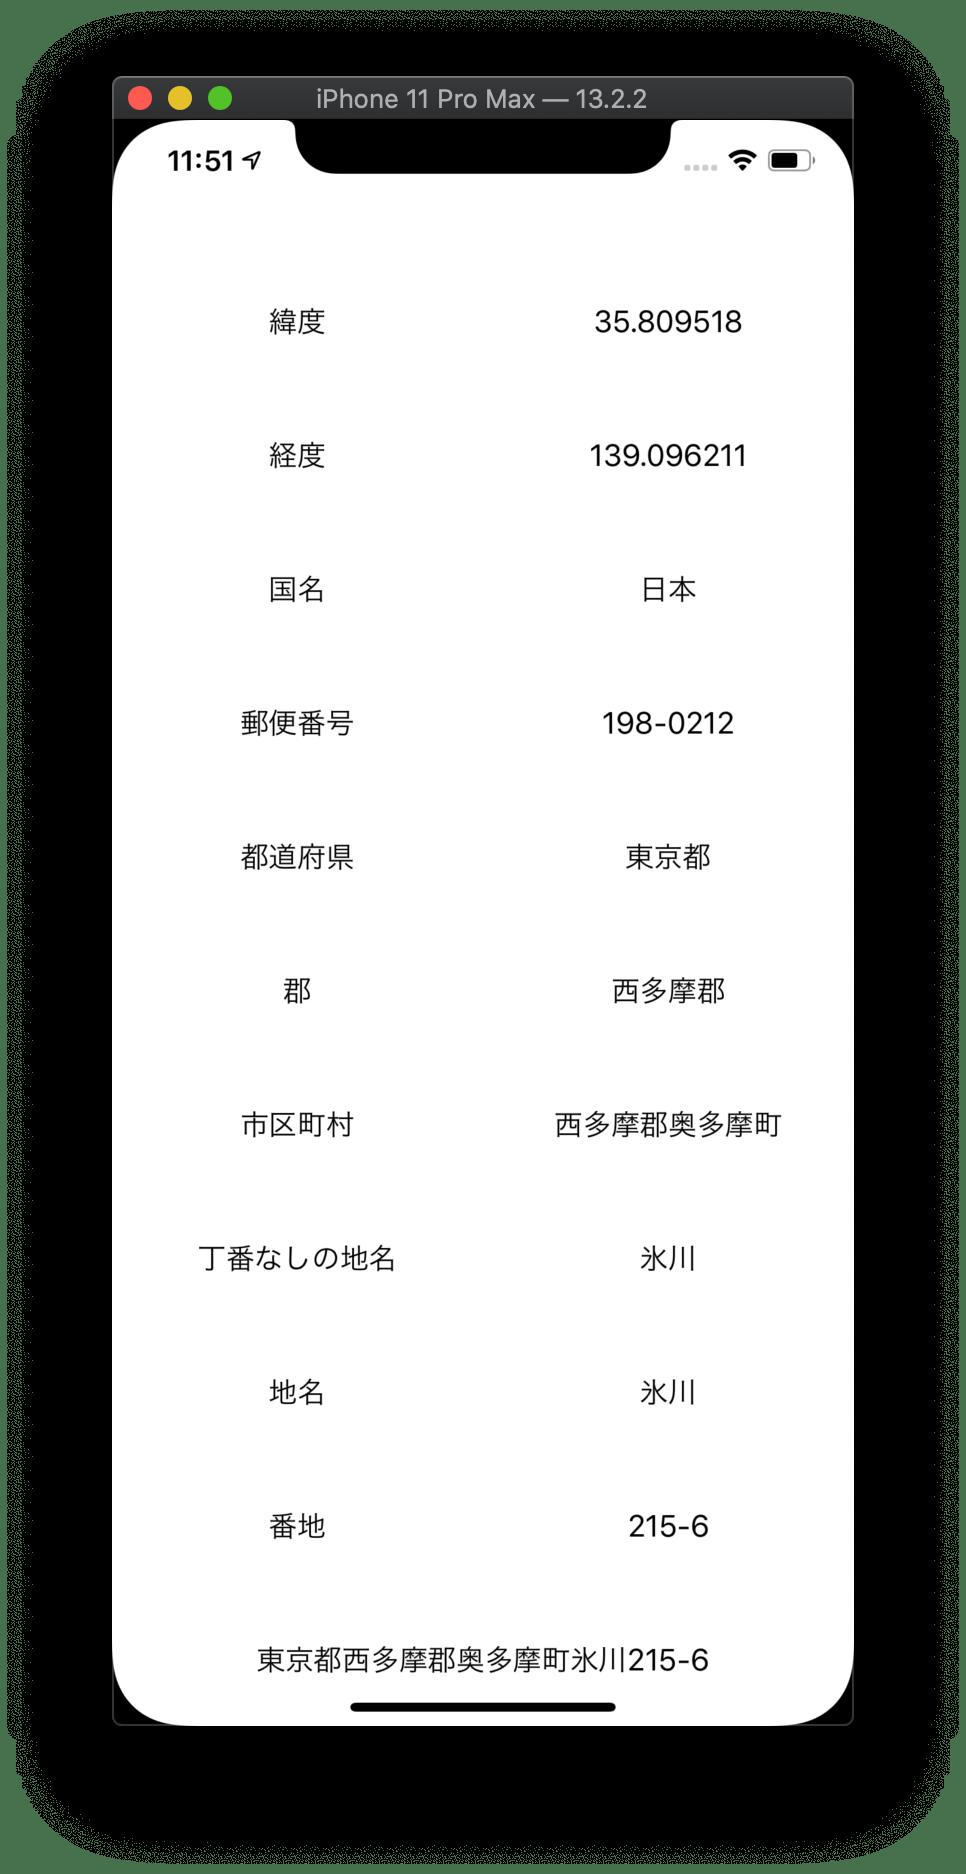 スクリーンショット 2019-11-26 23.51.56.png